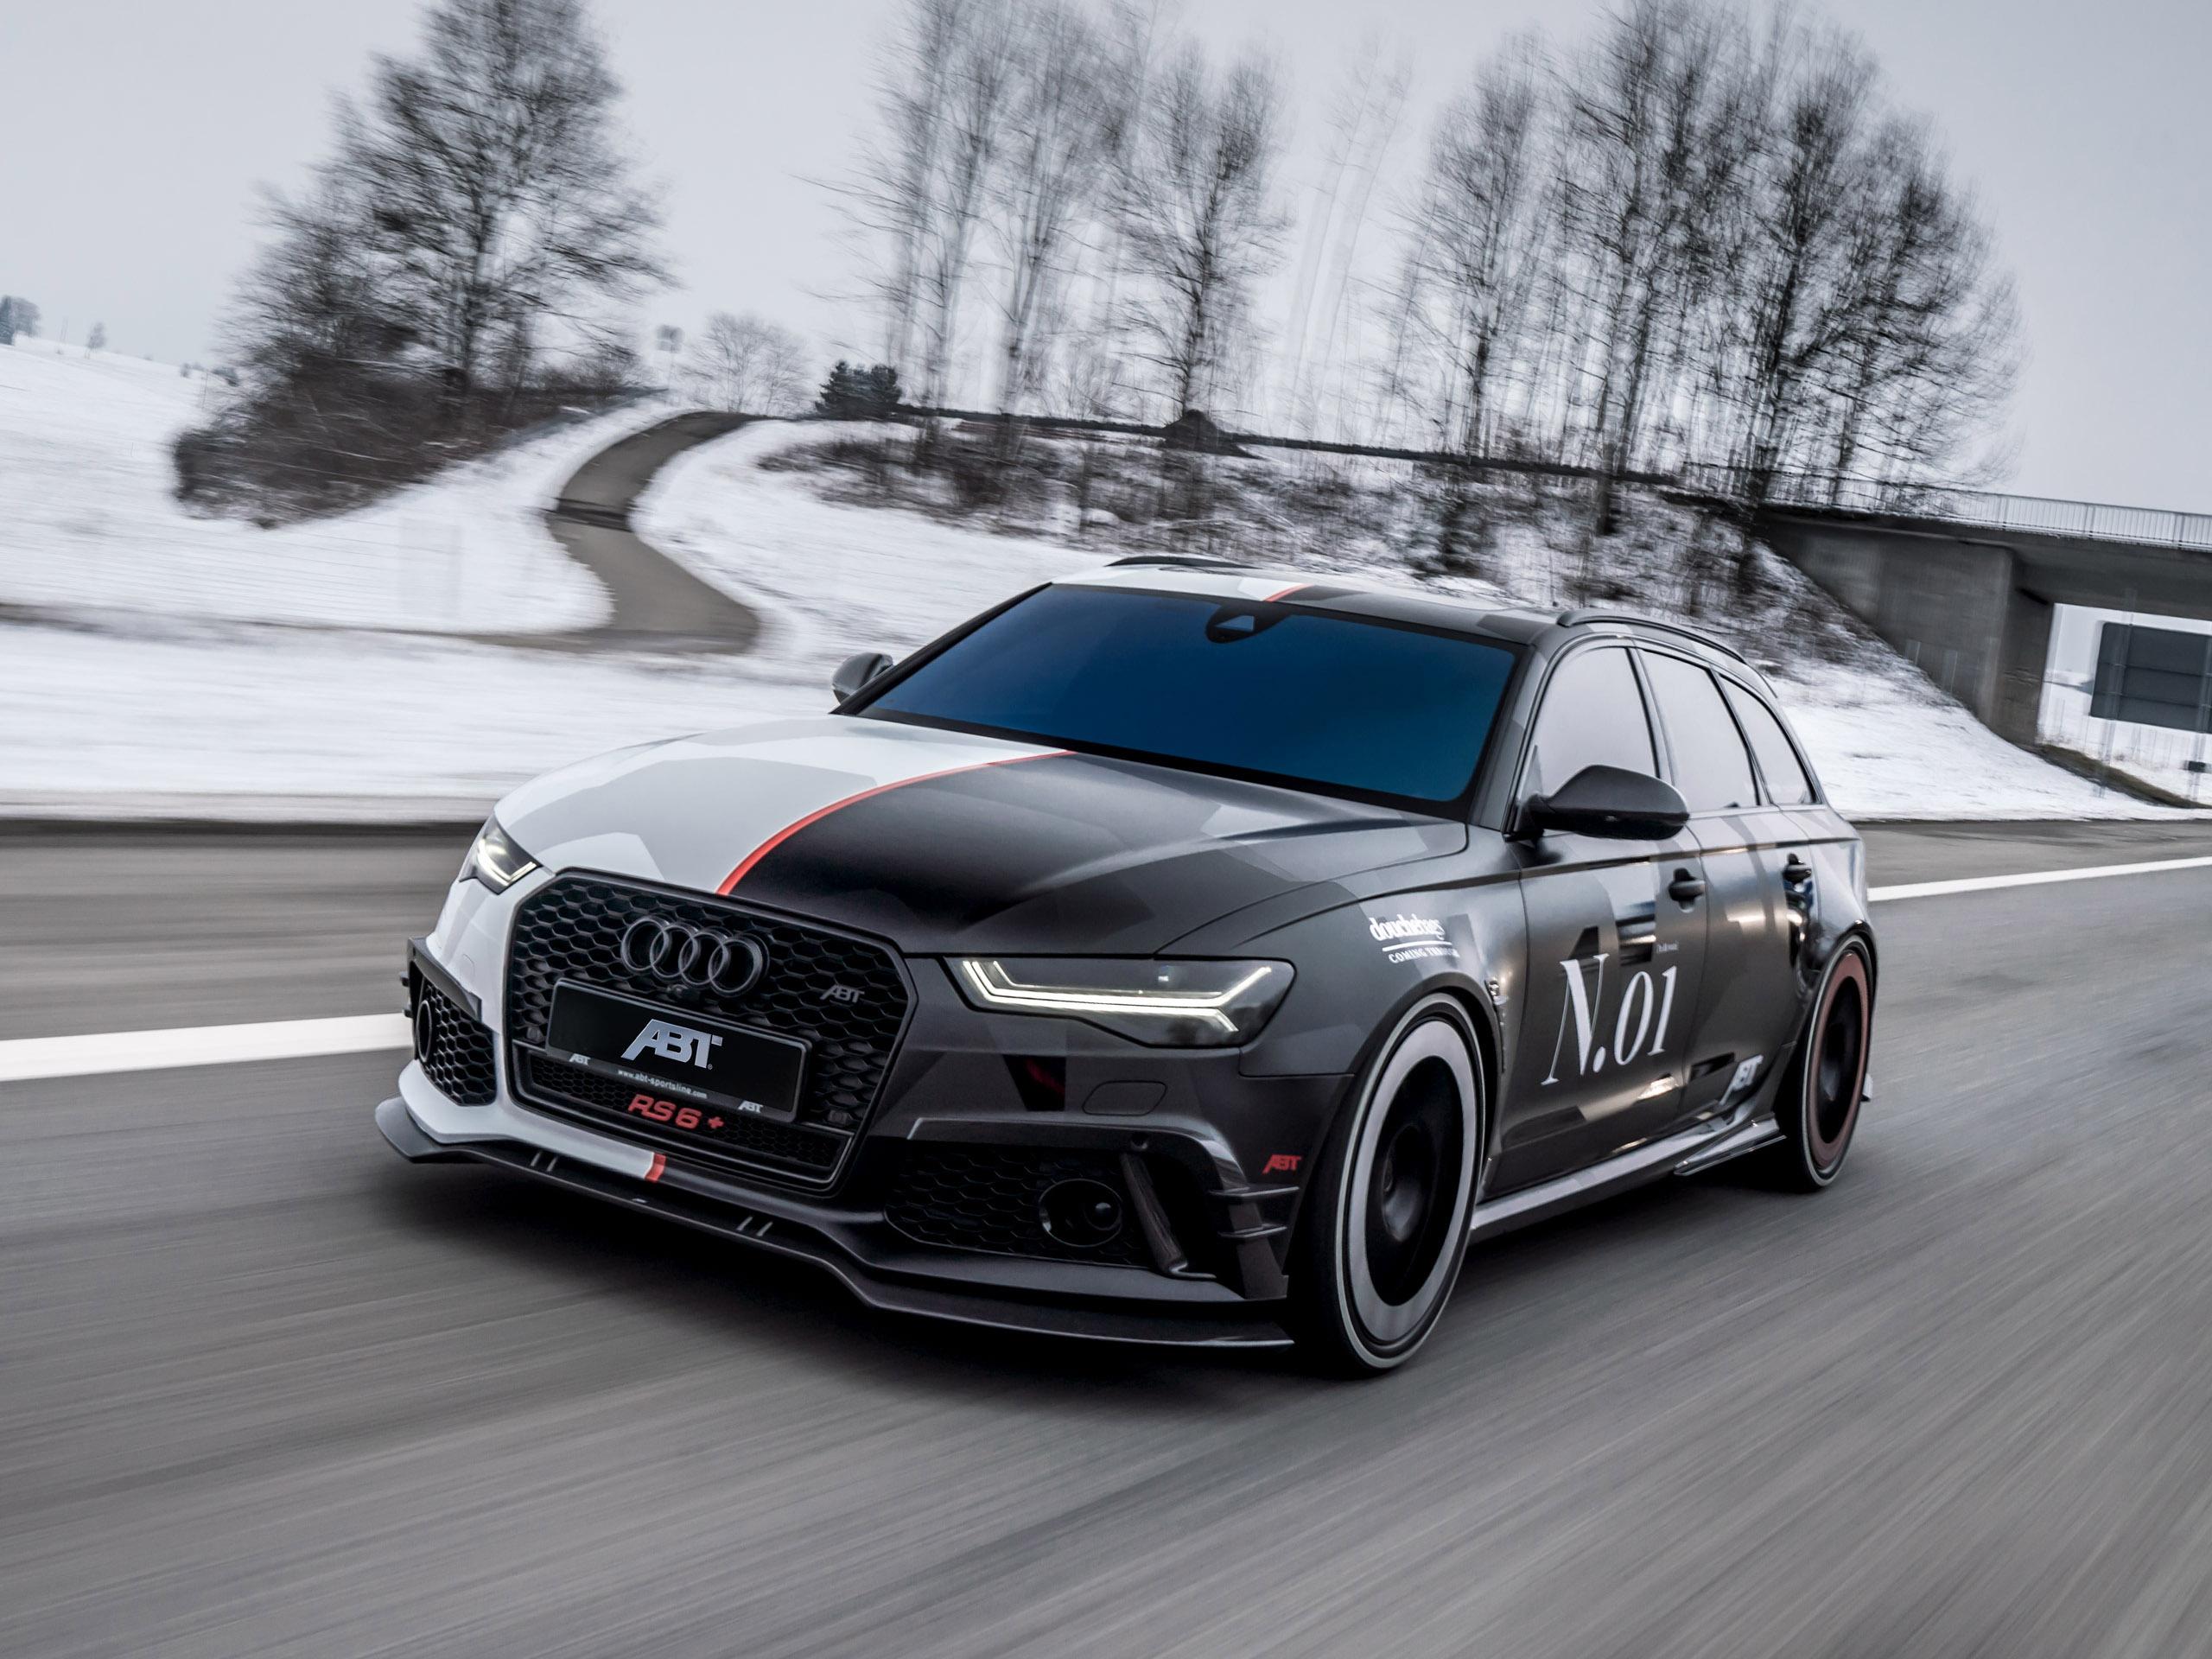 Audi Rs6 2018 >> Audi RS6 plus Phoenix by ABT [2018] de 735 chevaux pour Jon Olsson